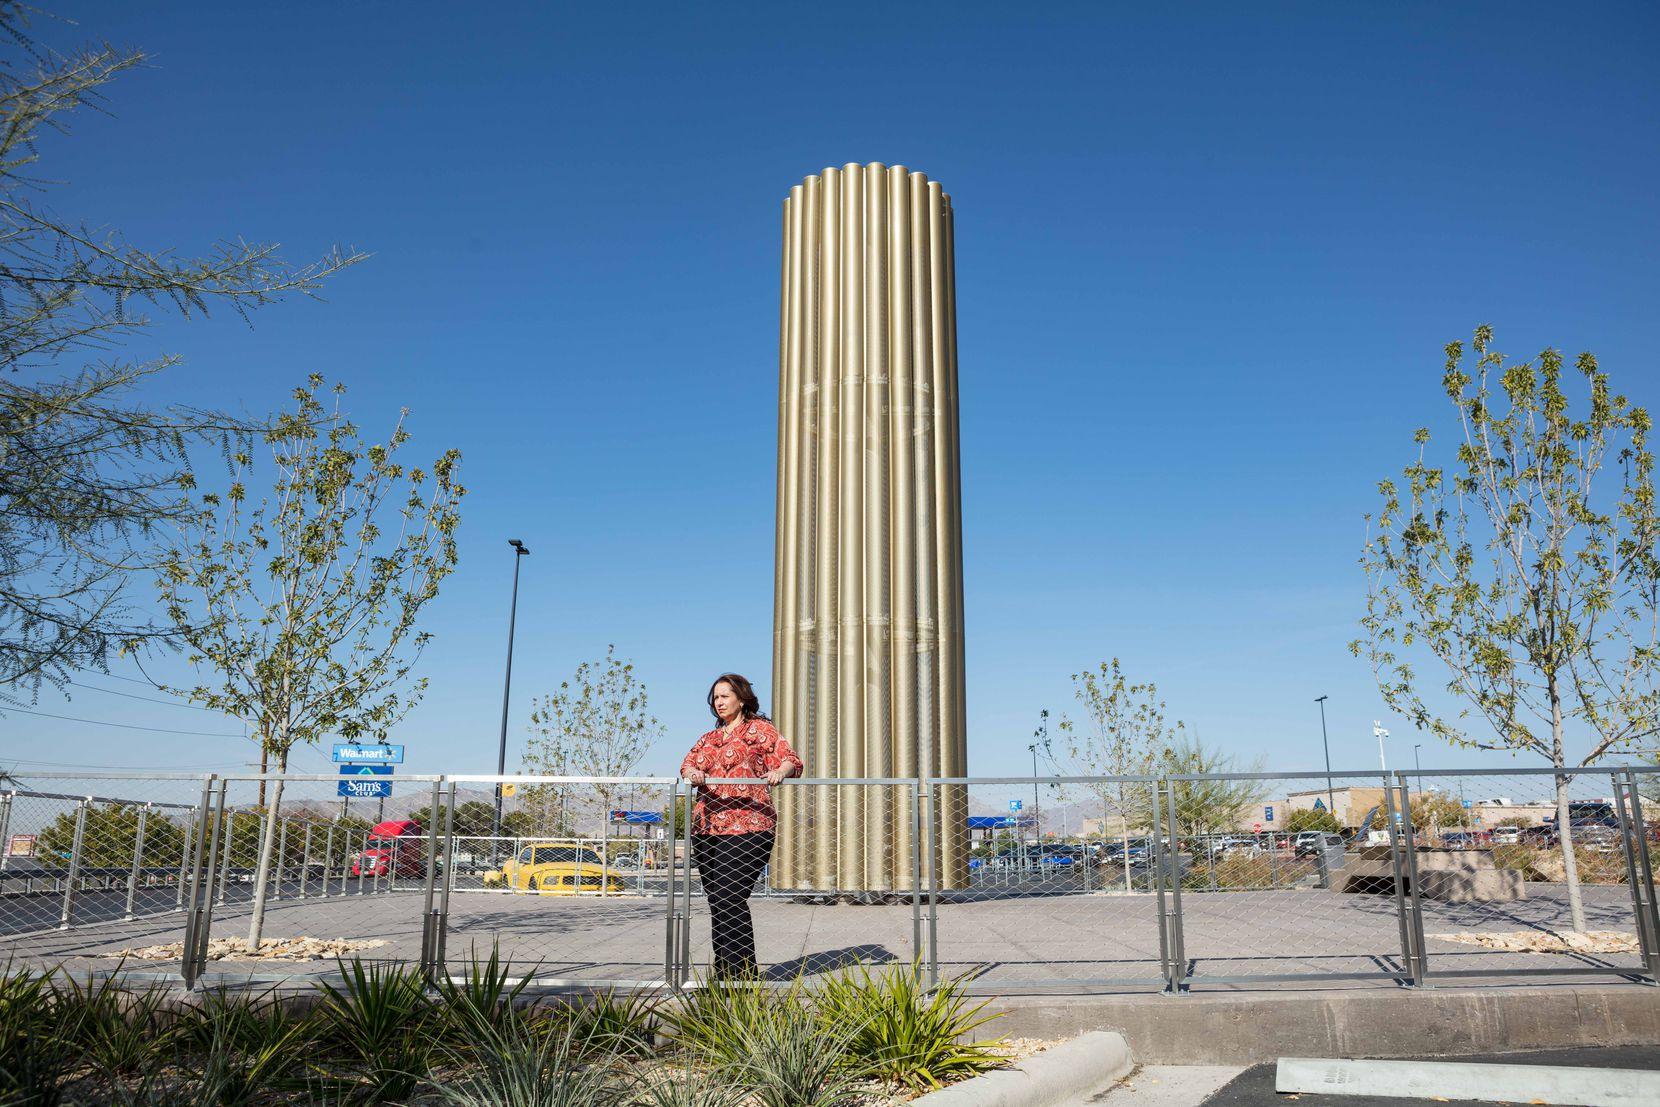 Angie Martinez at the Cielo Vista Walmart Candelaria Memorial in El Paso on Nov. 20, 2020.